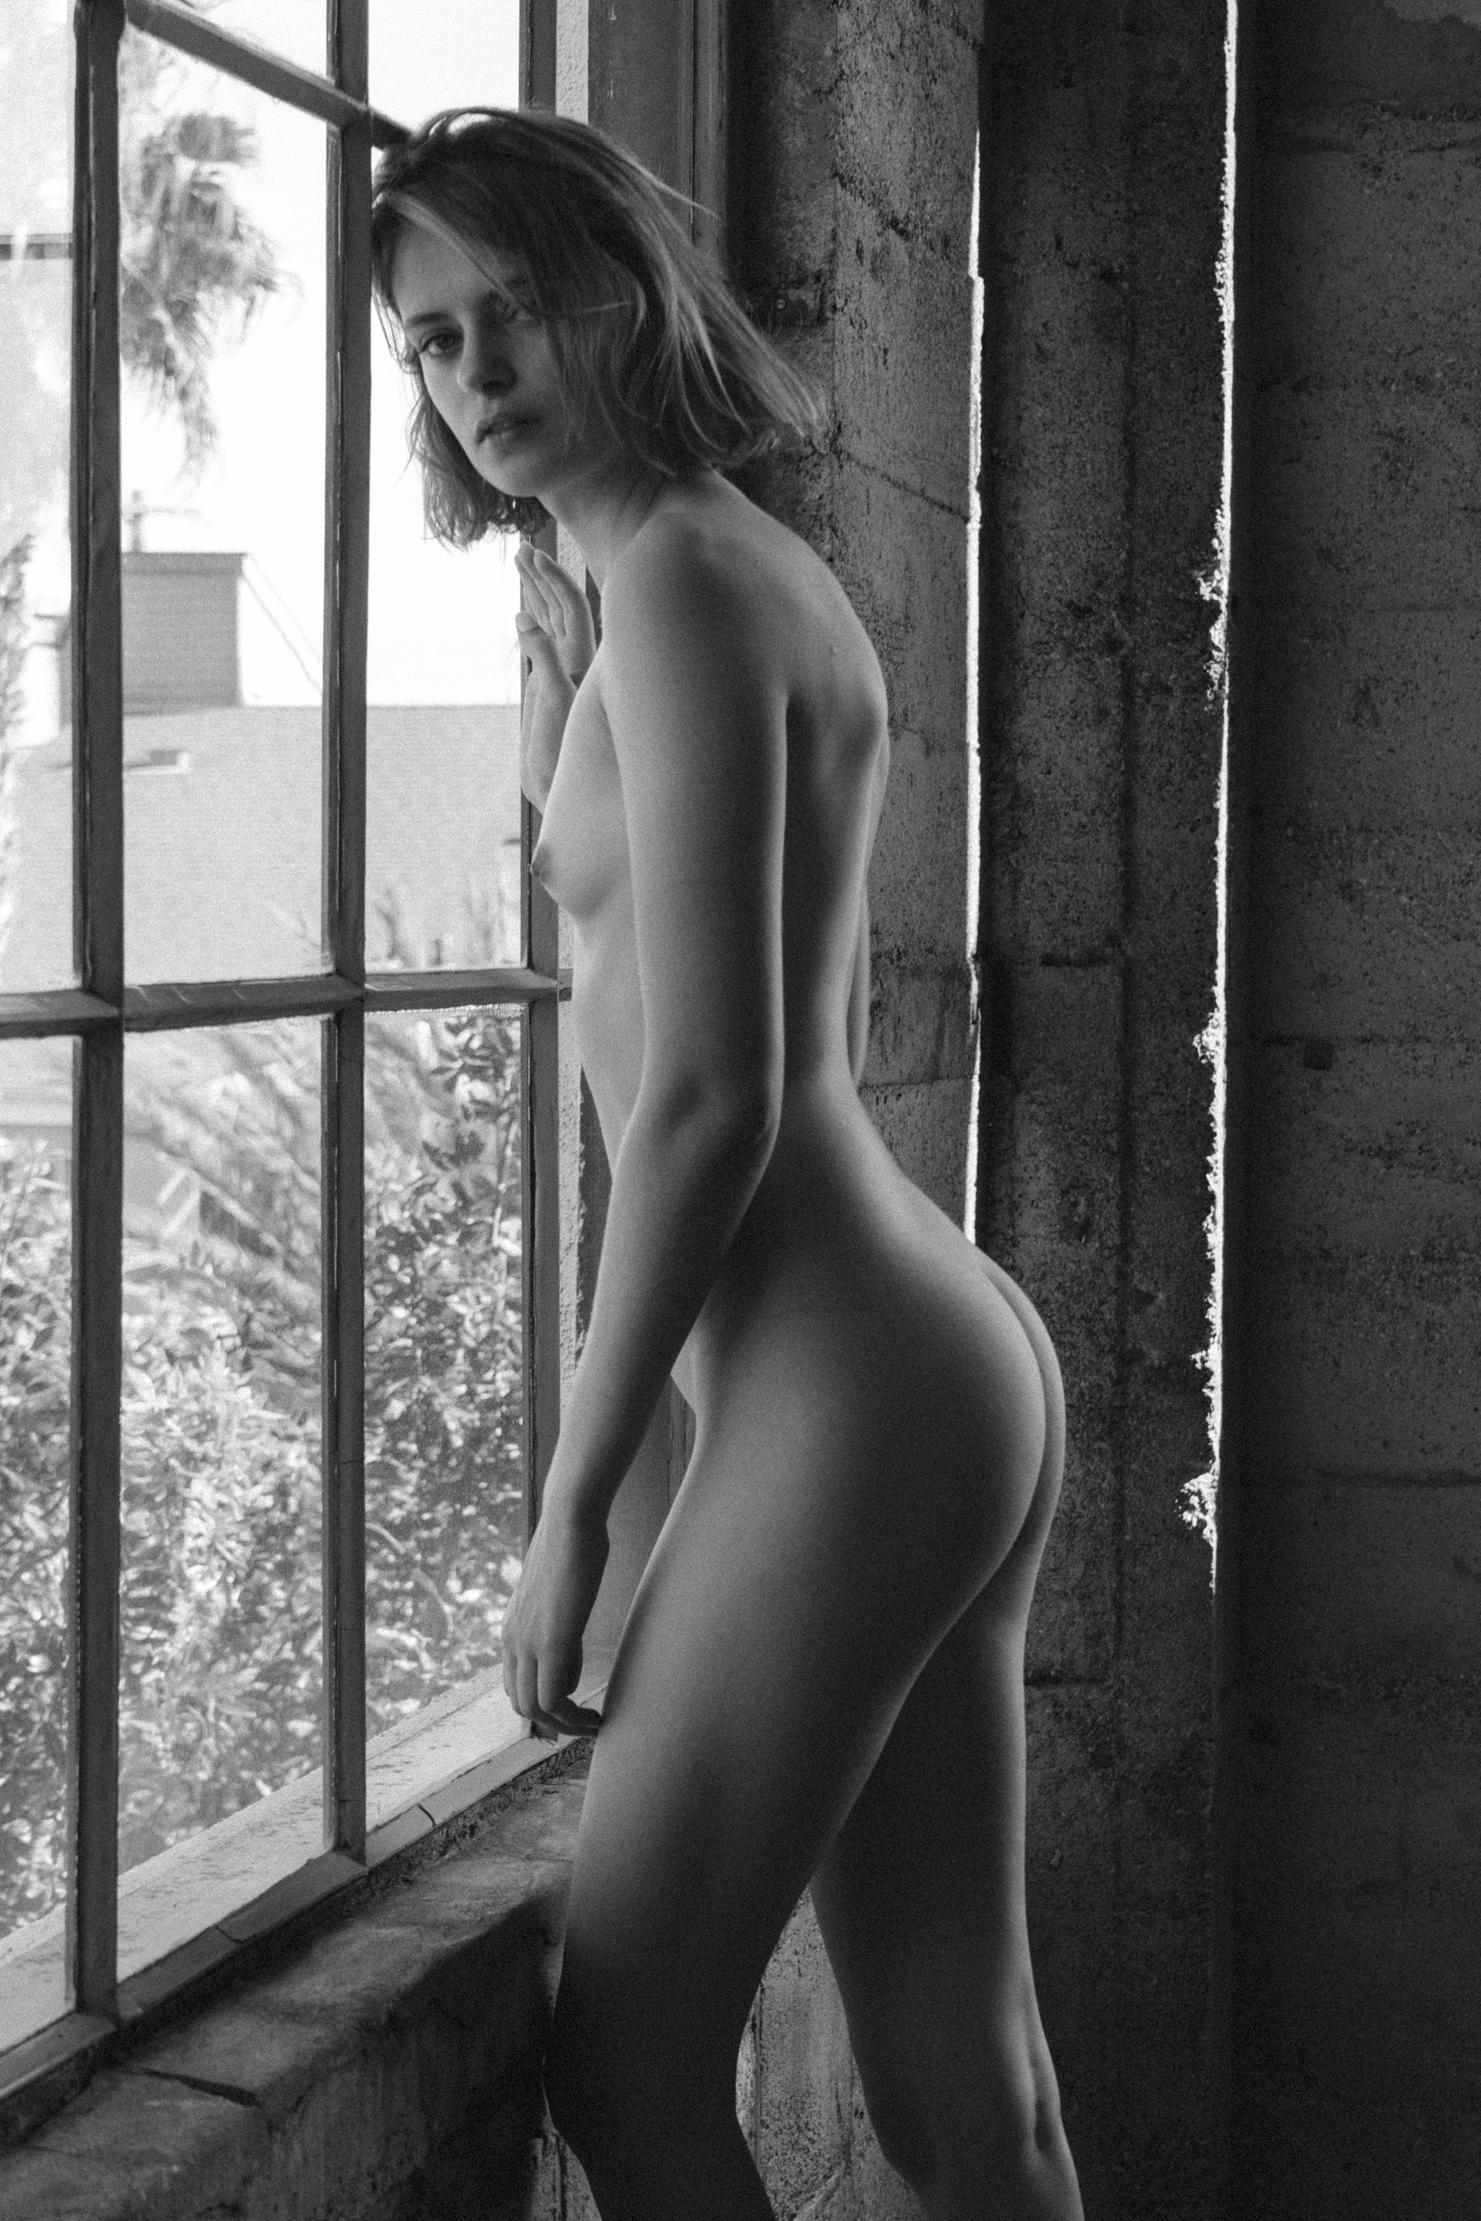 Evelyn Rose by Sam Livm